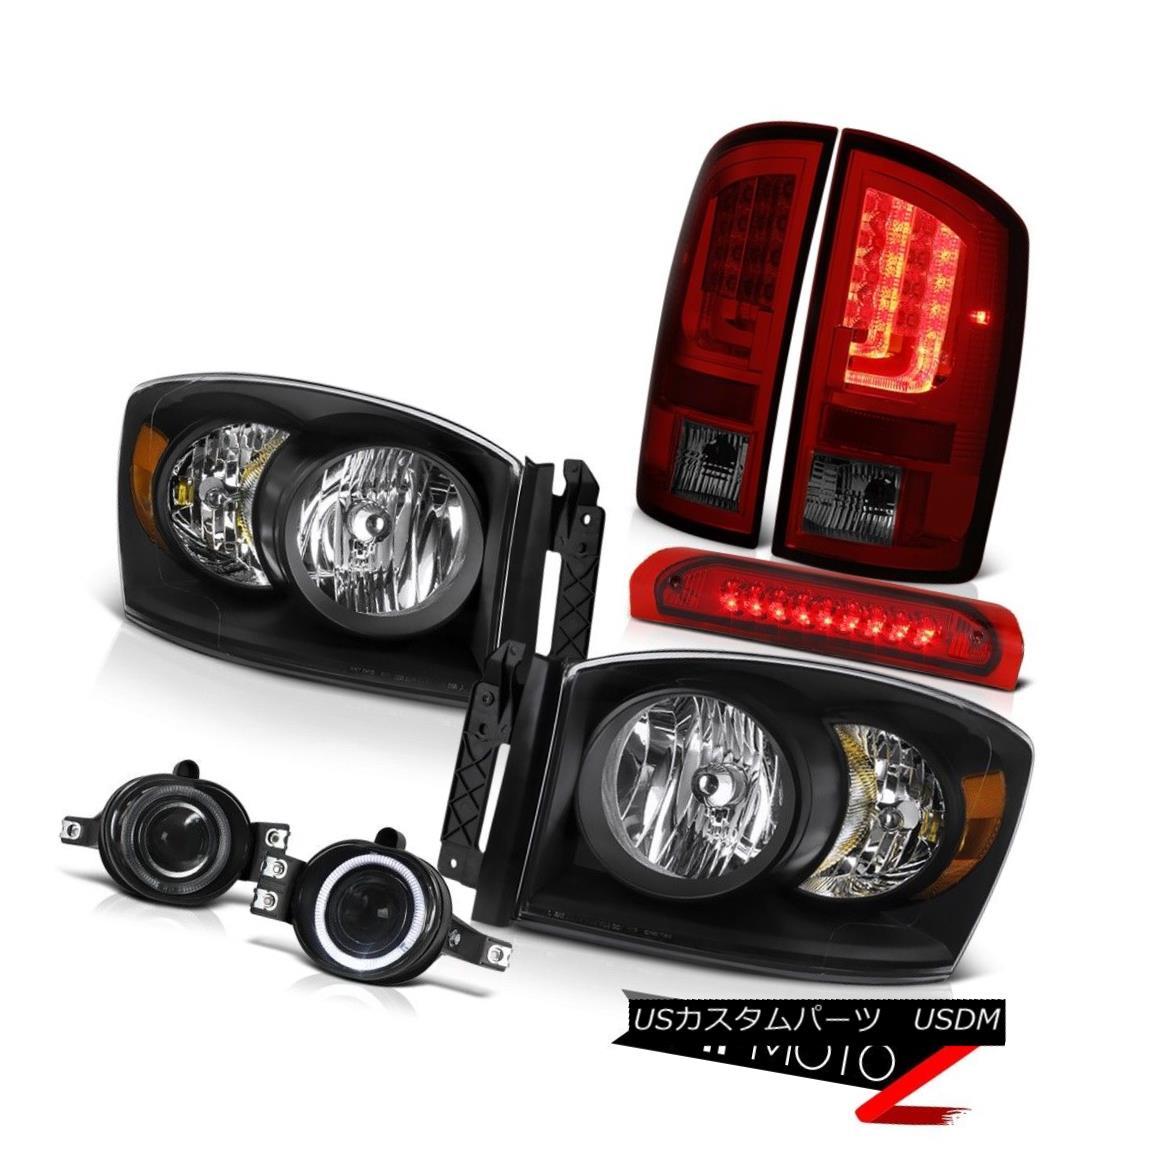 テールライト 07-08 Dodge Ram 1500 5.7L Taillamps Headlamps Foglights Rosso Red 3RD Brake Lamp 07-08ダッジラム1500 5.7Lタイルランプヘッドランプフォギーライトロッソレッド3RDブレーキランプ